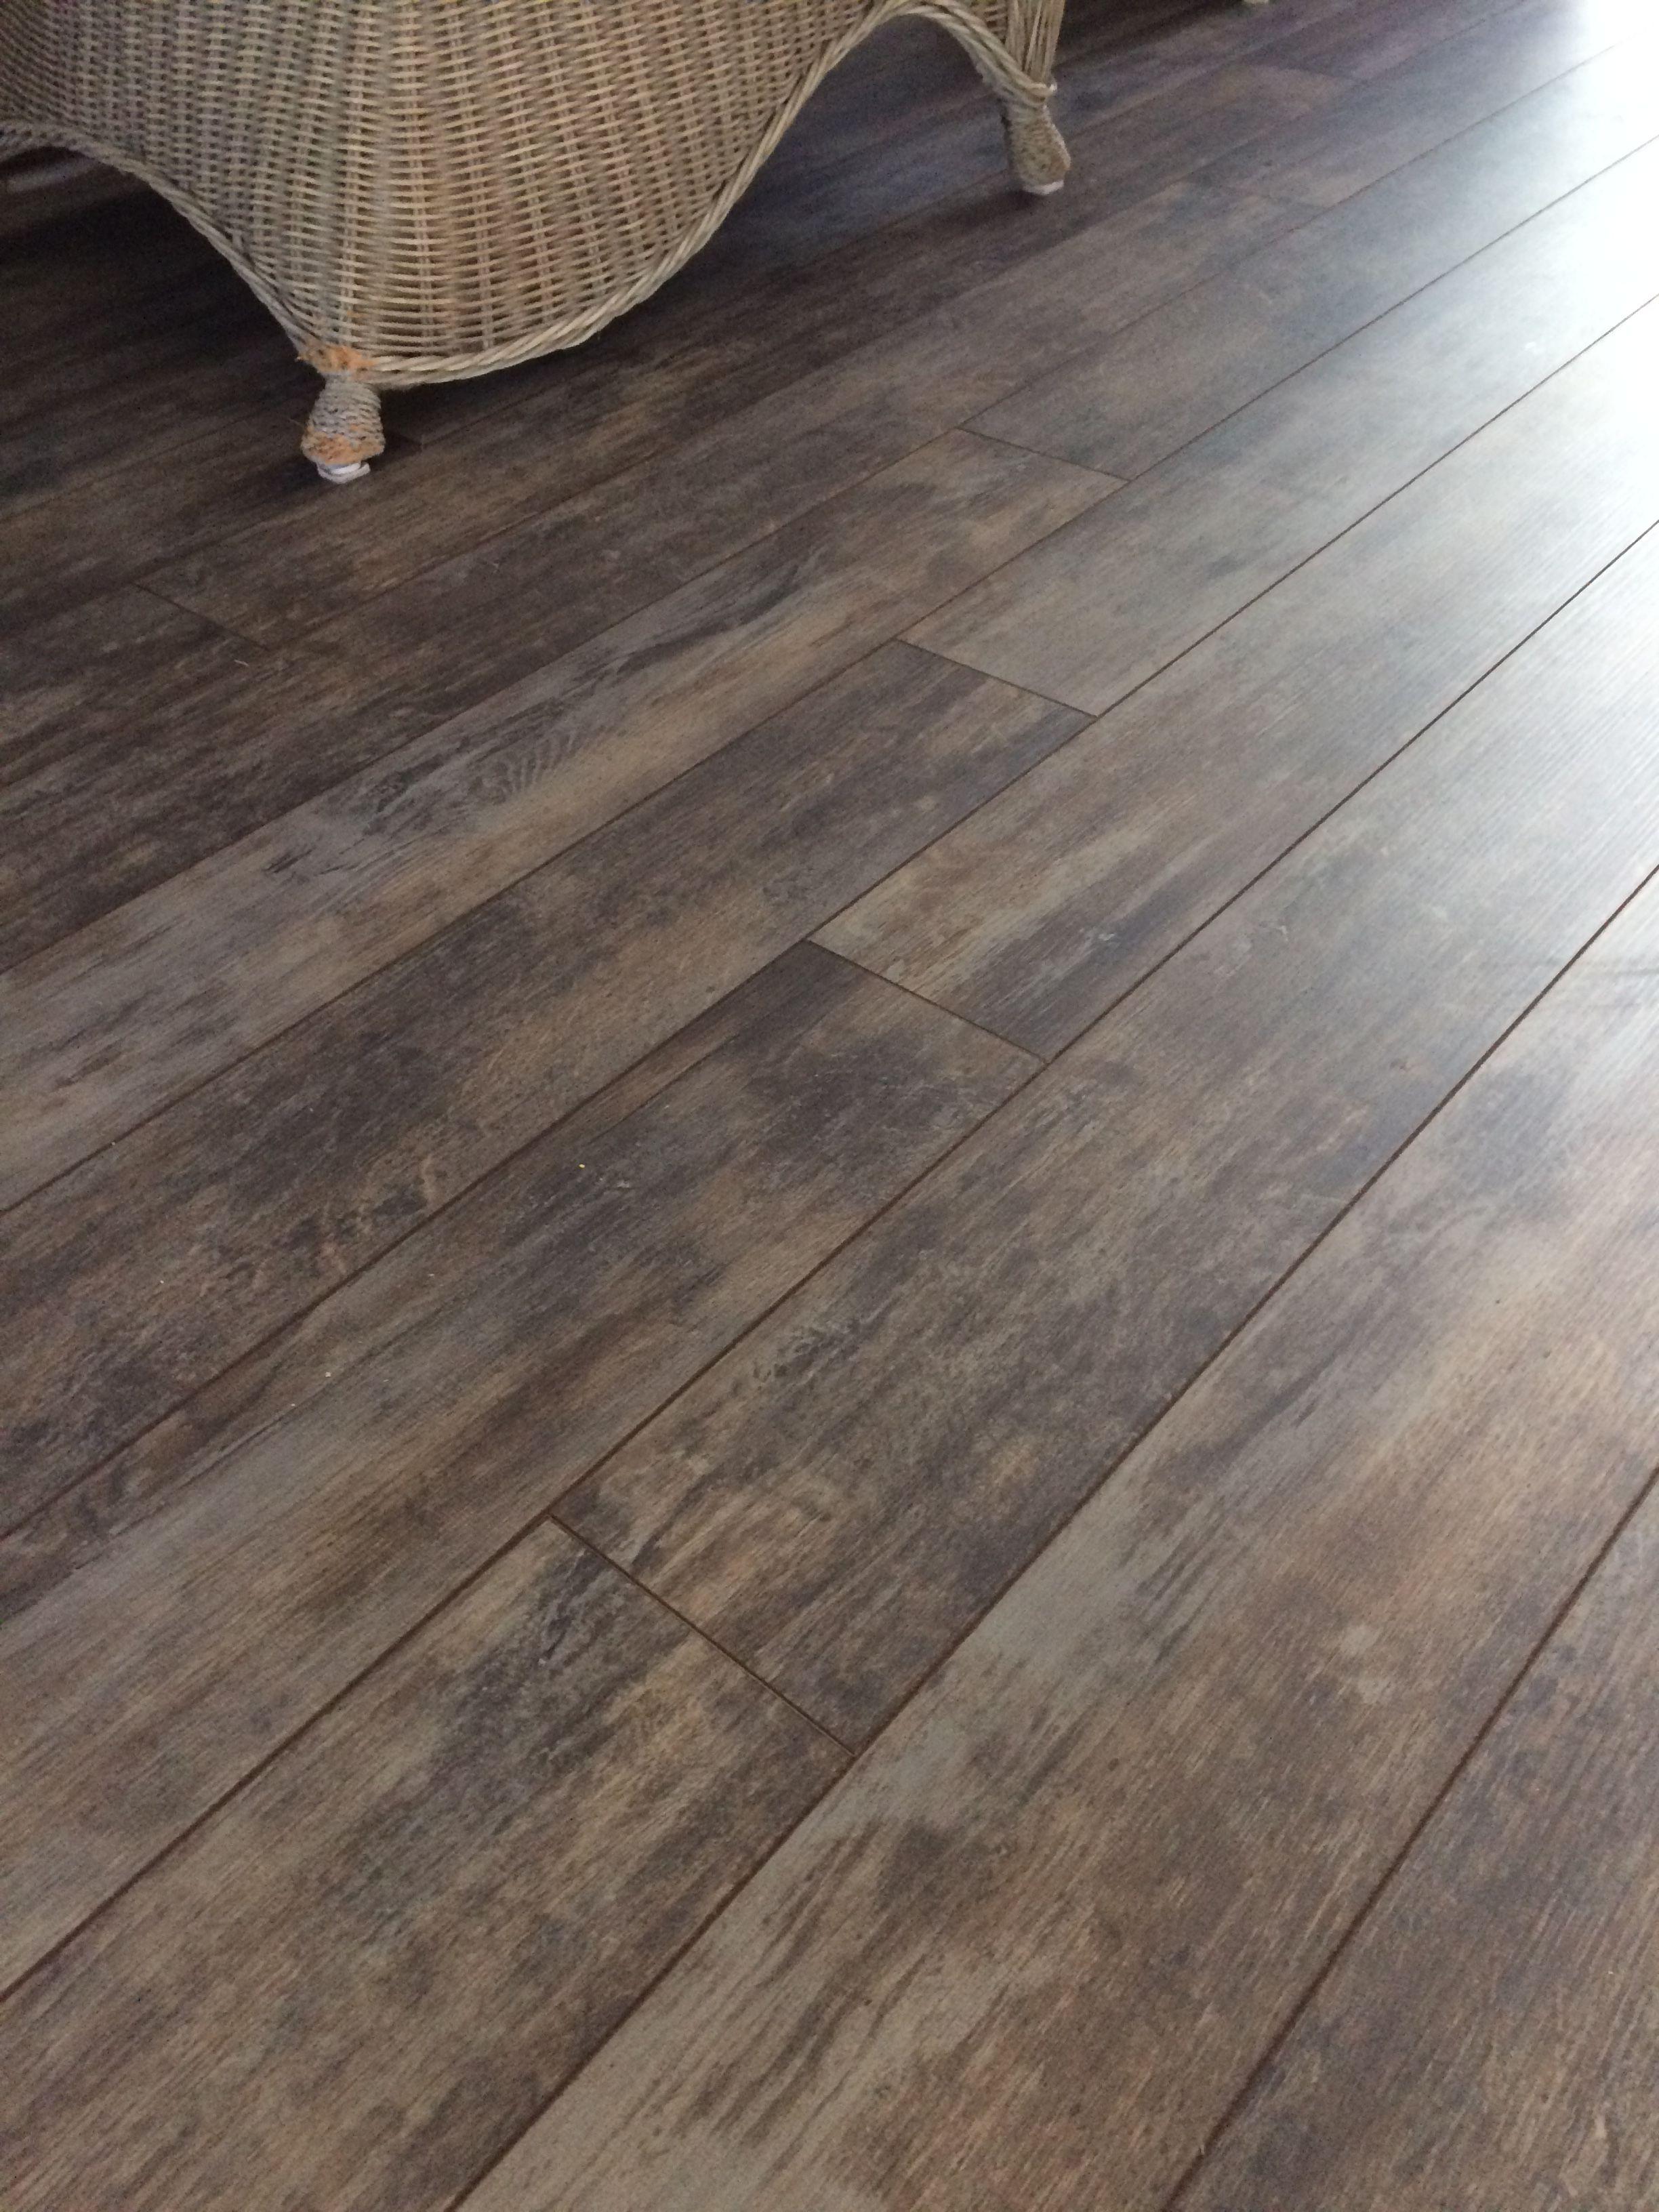 Lowes Spalted Wood Bark Wood Laminate Floors Flooring Hardwood Floors Laminate Hardwood Flooring